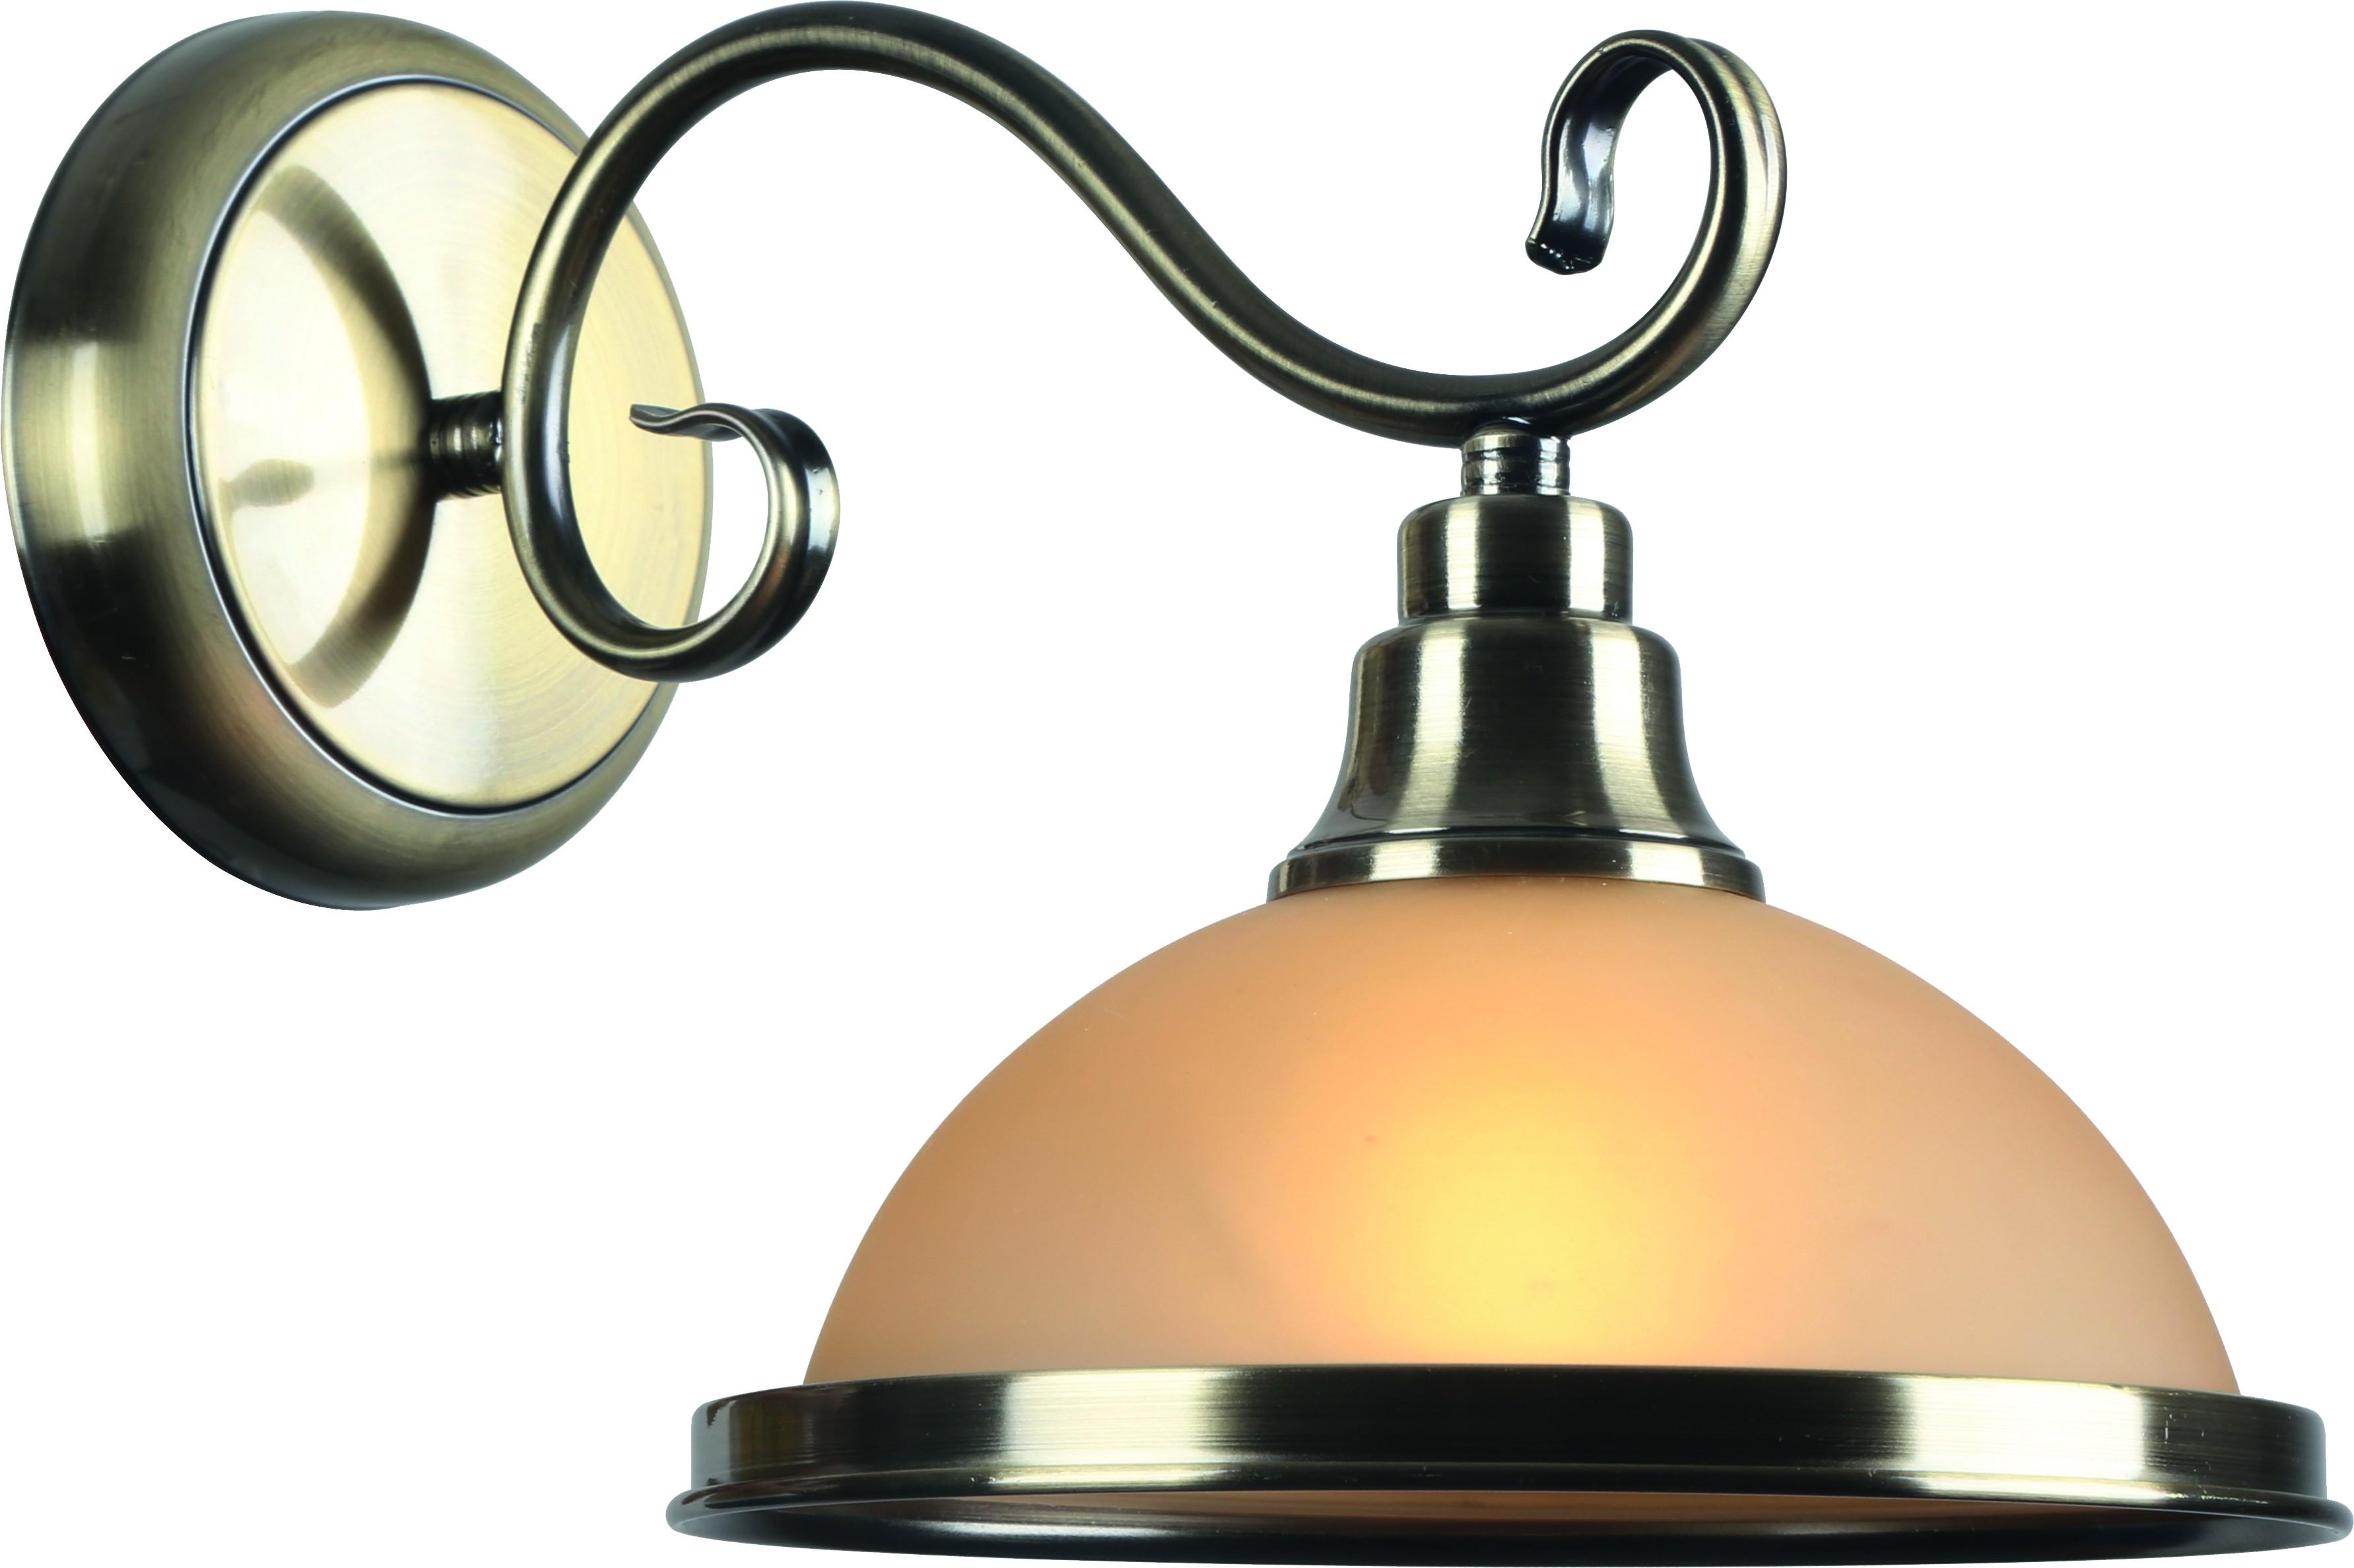 цена на Бра Arte lamp A6905ap-1ab